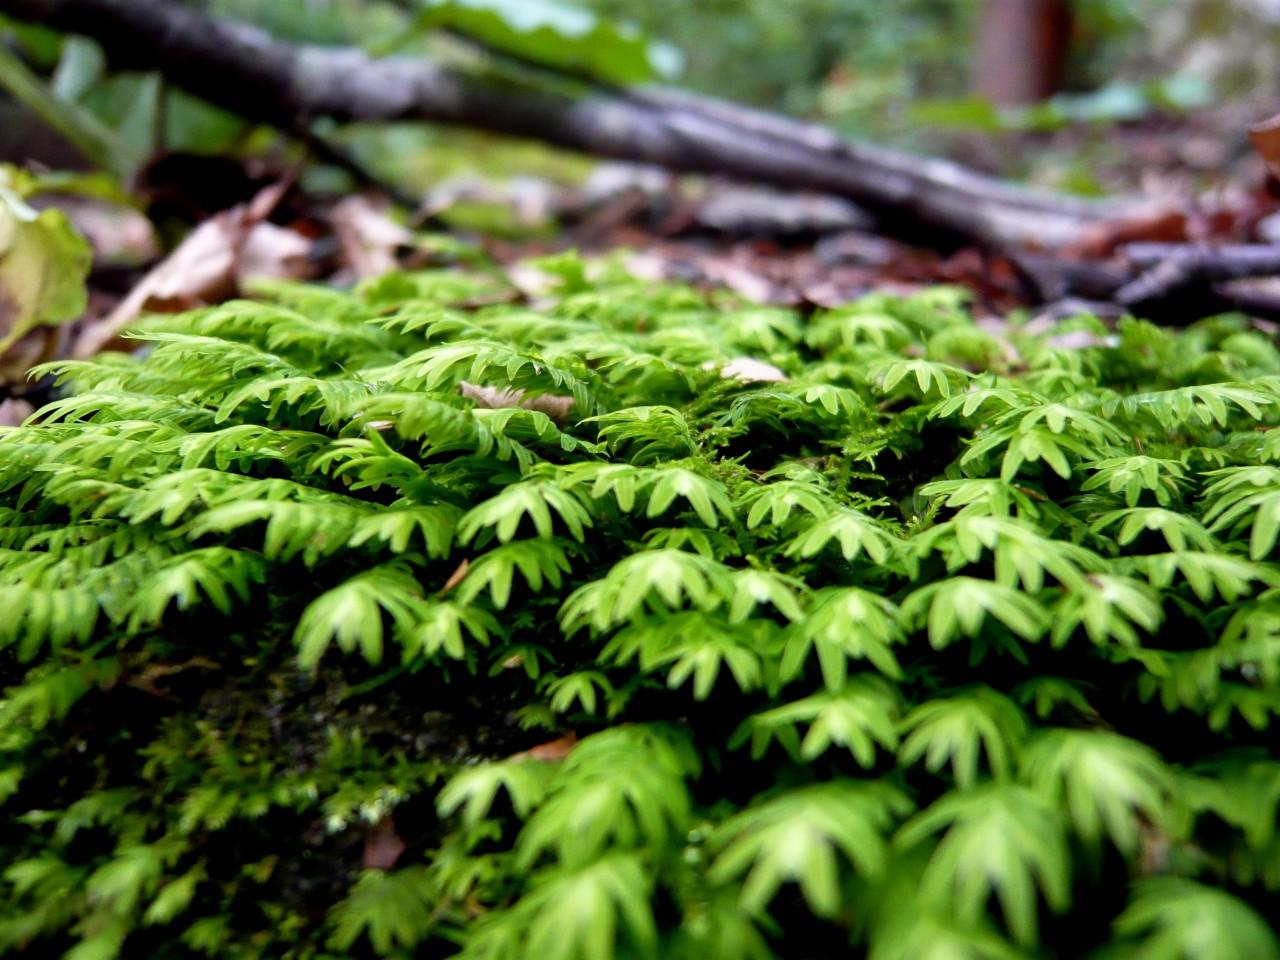 青森 上北 十和田市 風景 秋 奥入瀬渓流 蔦の森 鳳凰苔